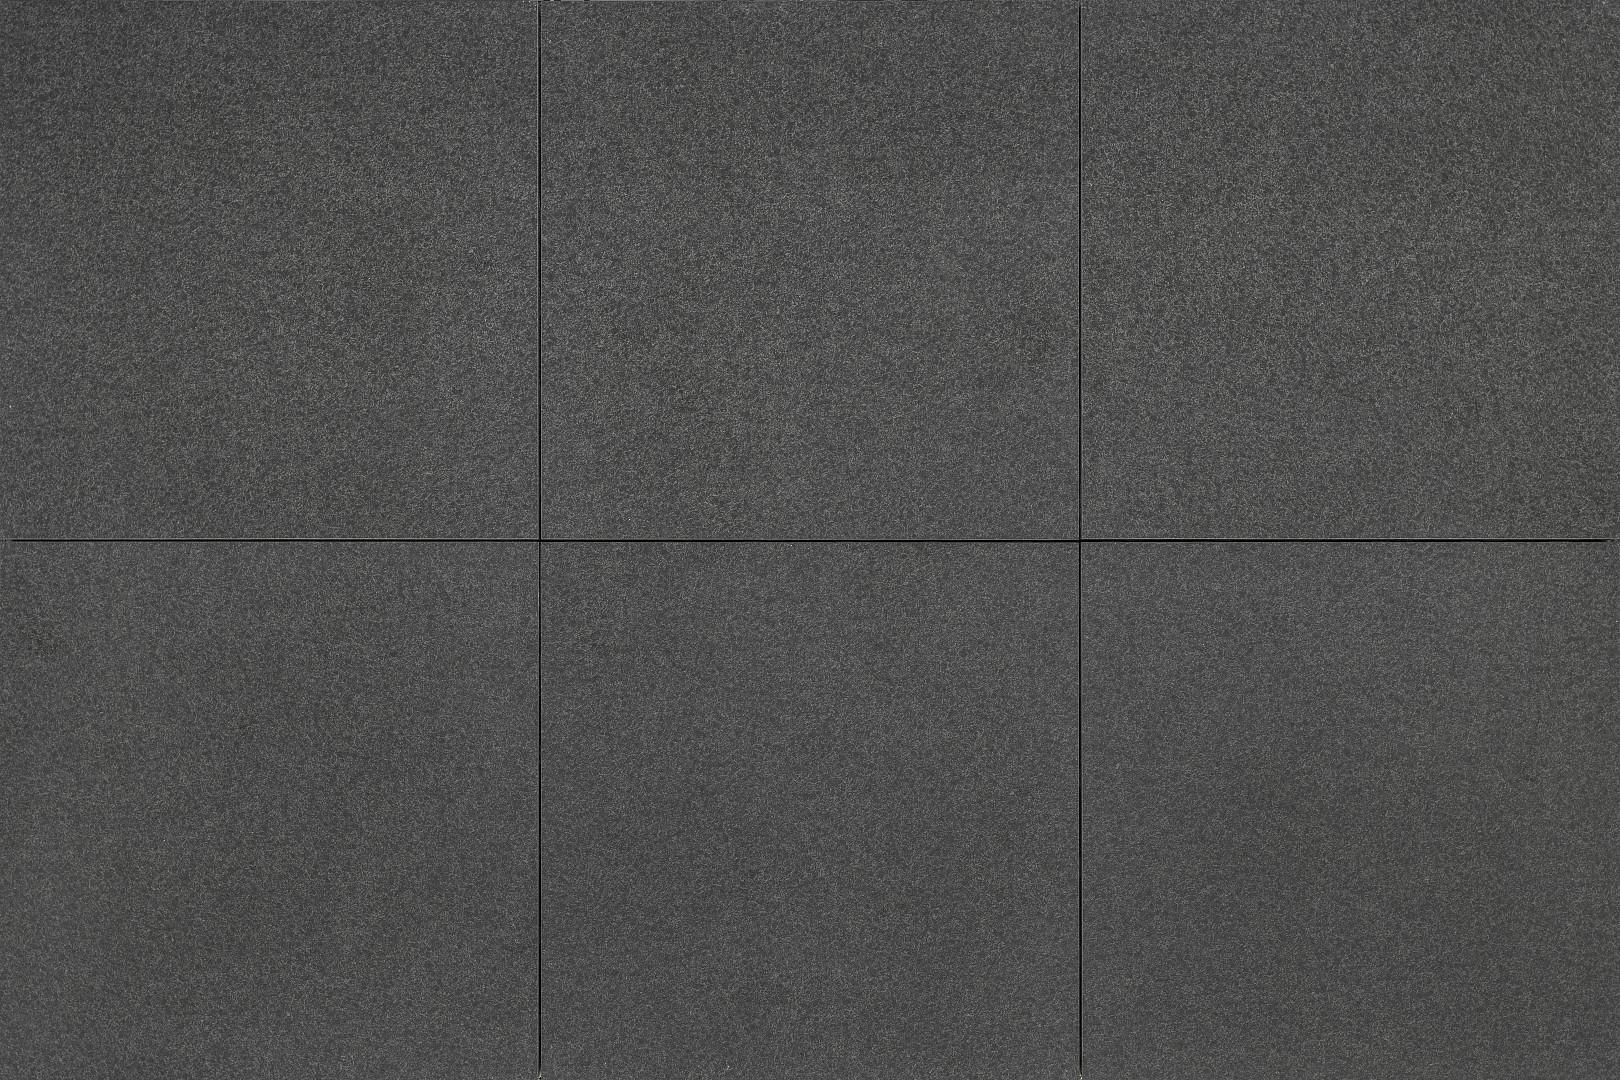 CERASUN Basaltino 60x60x4